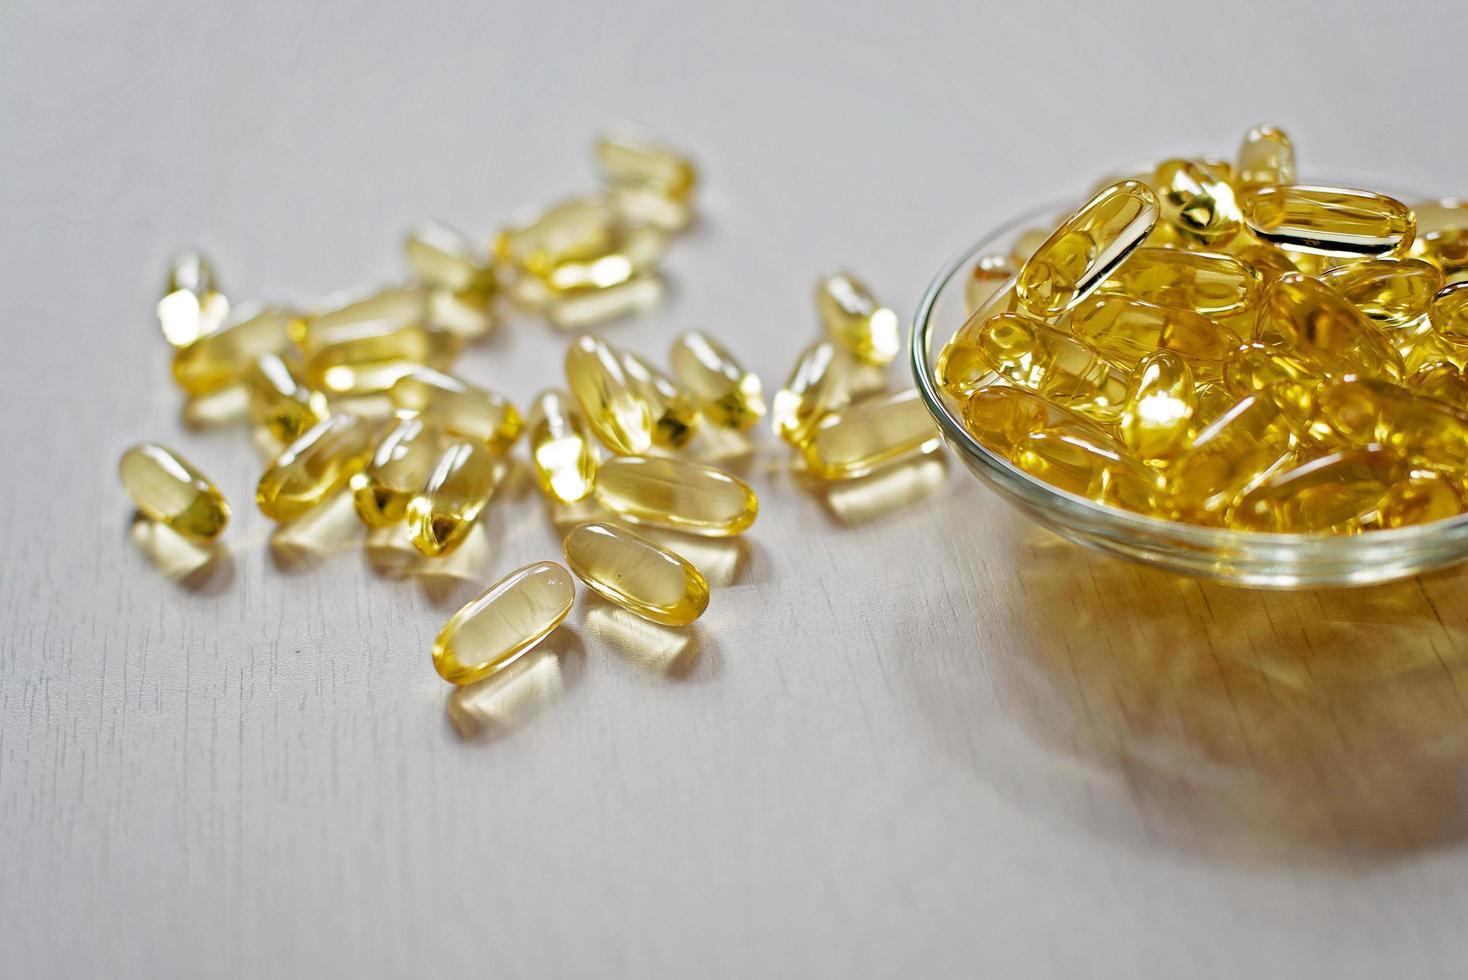 pilule d'huile de poisson photo